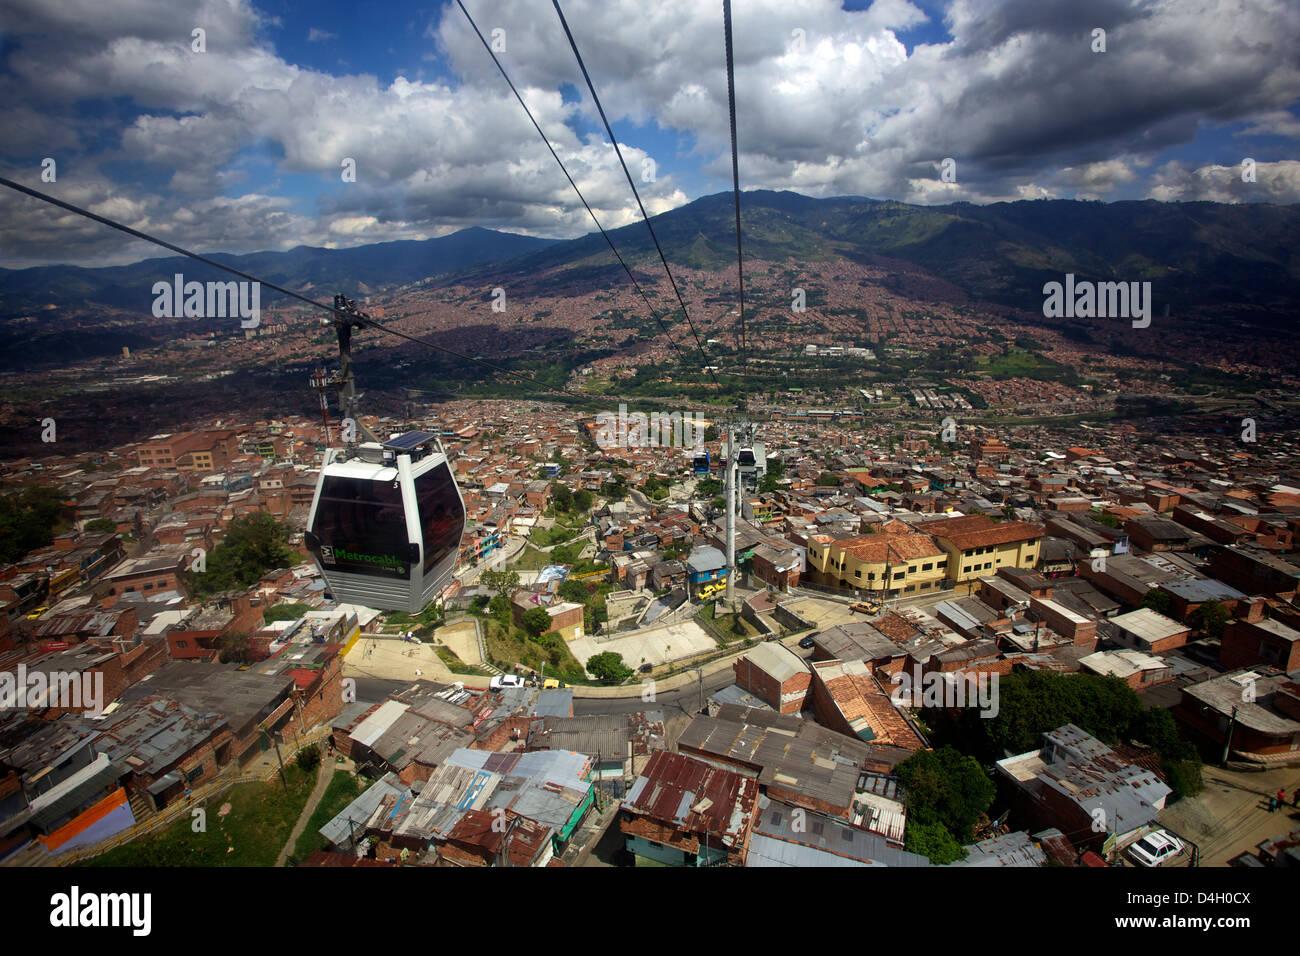 Blick über die Barrios Pobre Medellin, wo Pablo Escobar viele Anhänger, Kolumbien, Südamerika hatte Stockbild